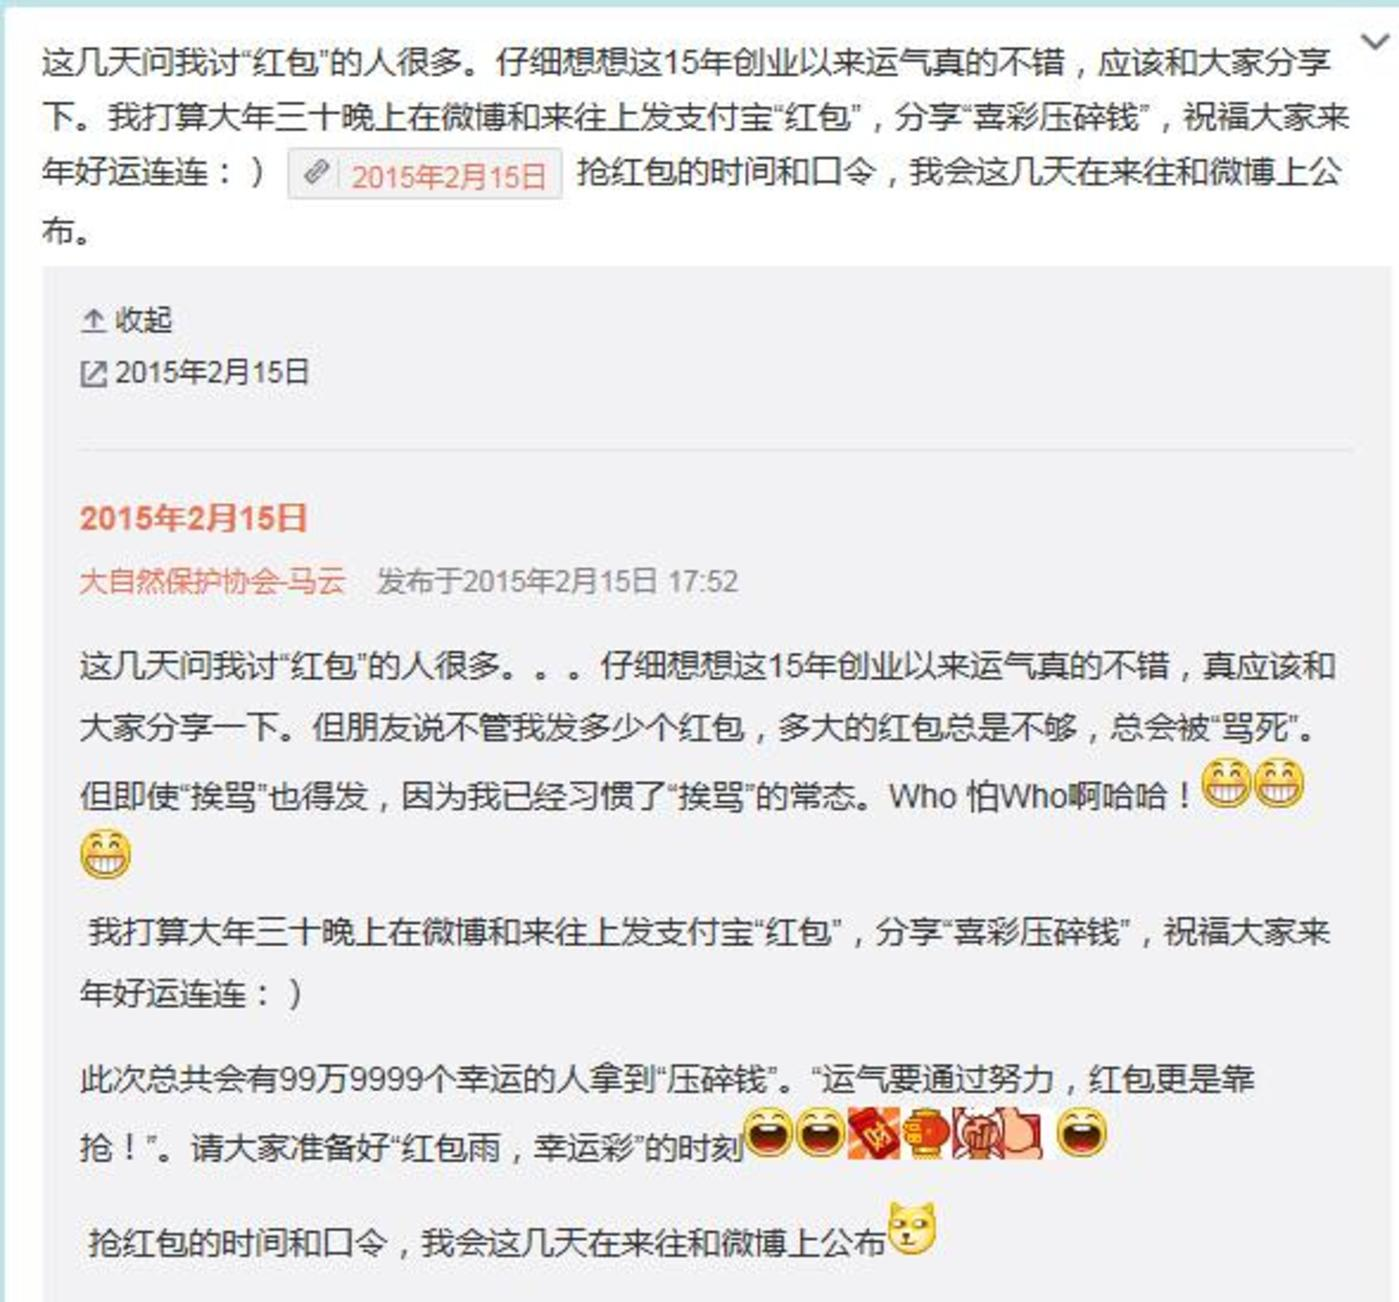 马云在2015年春节发布的红包宣传微博